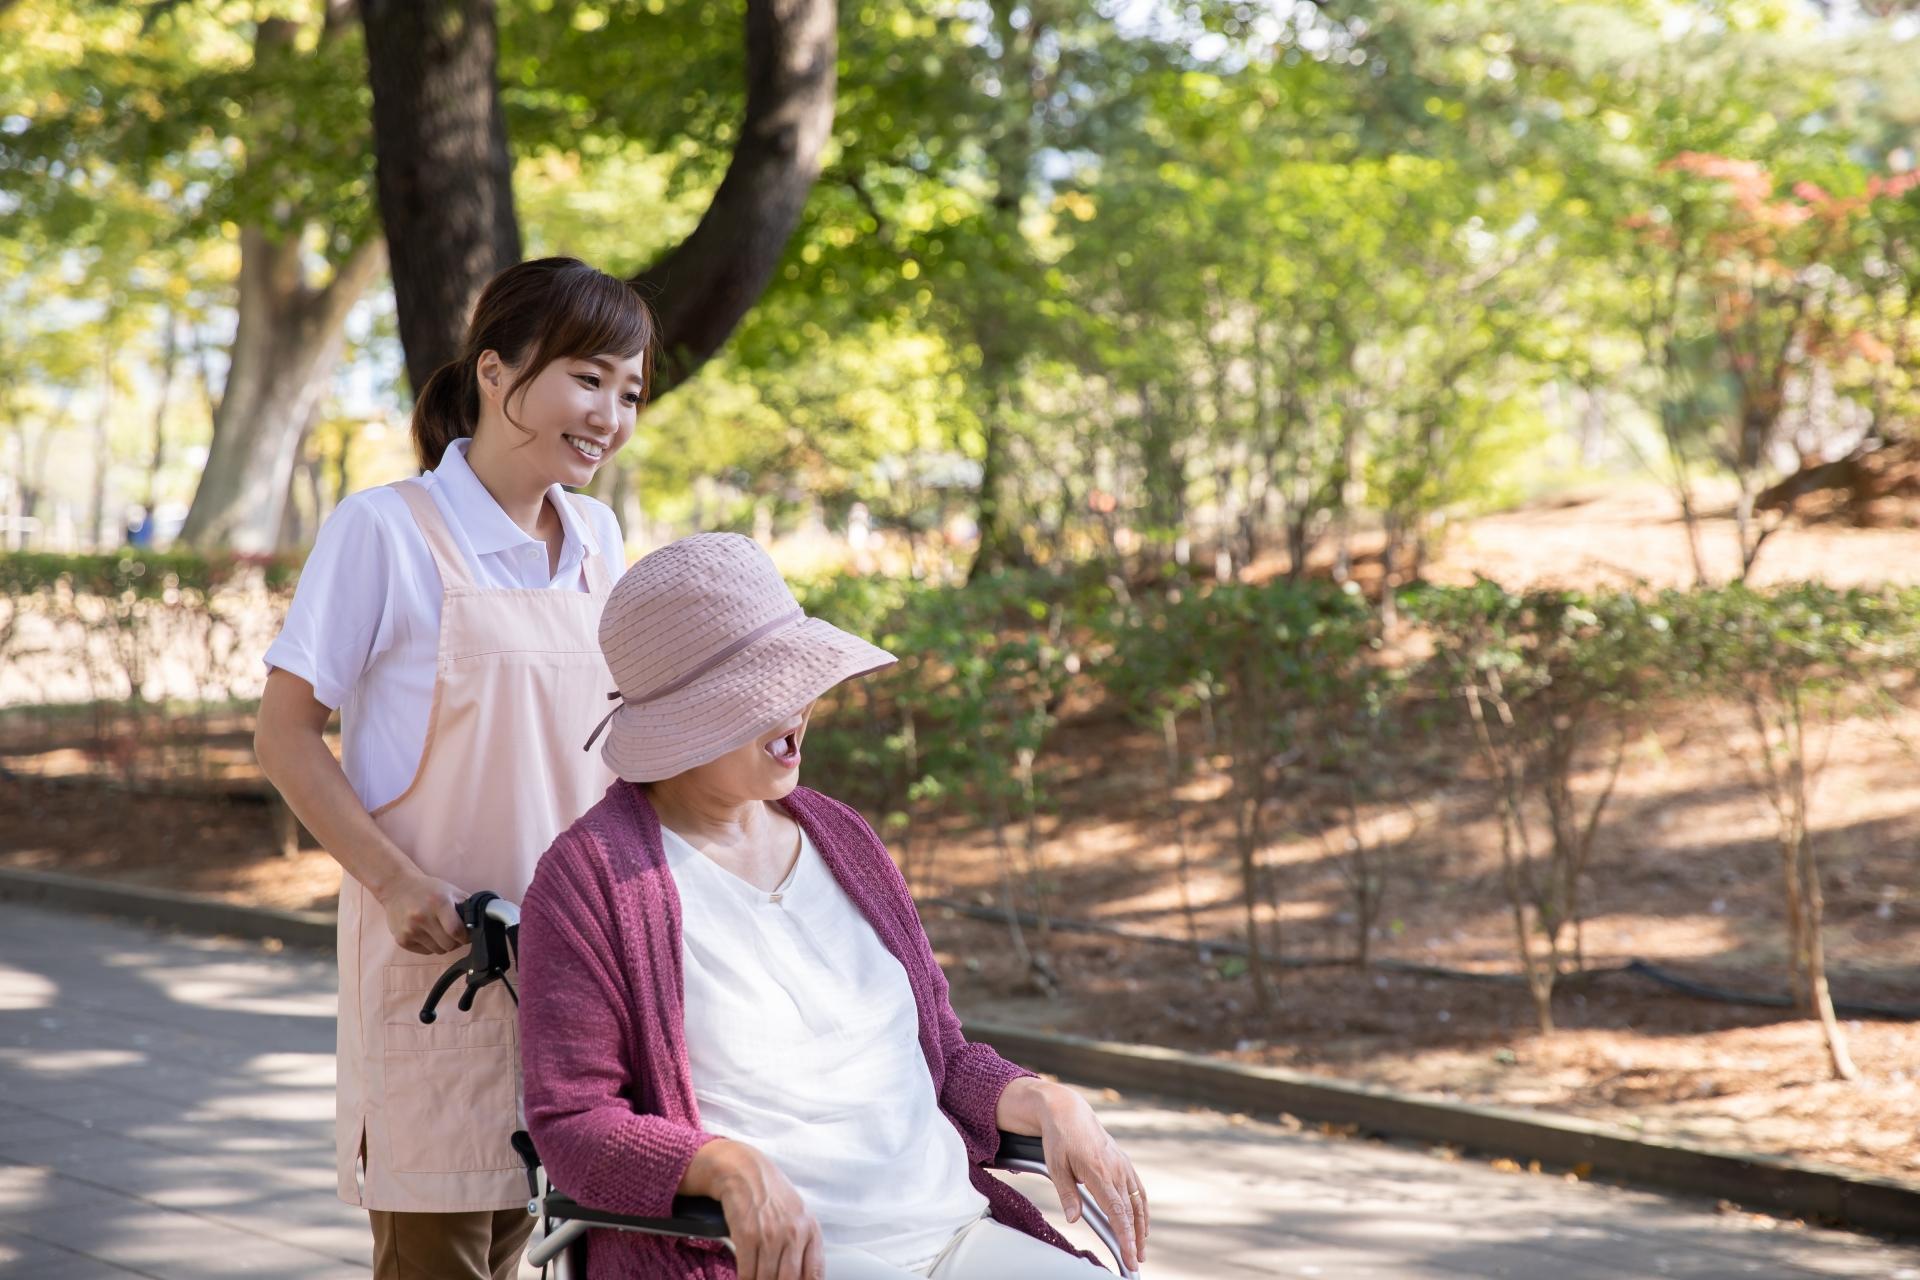 介護職員の『離職介護人材再就職準備金貸付制度』は、以下の5つの条件をすべて満たす方が対象となっています